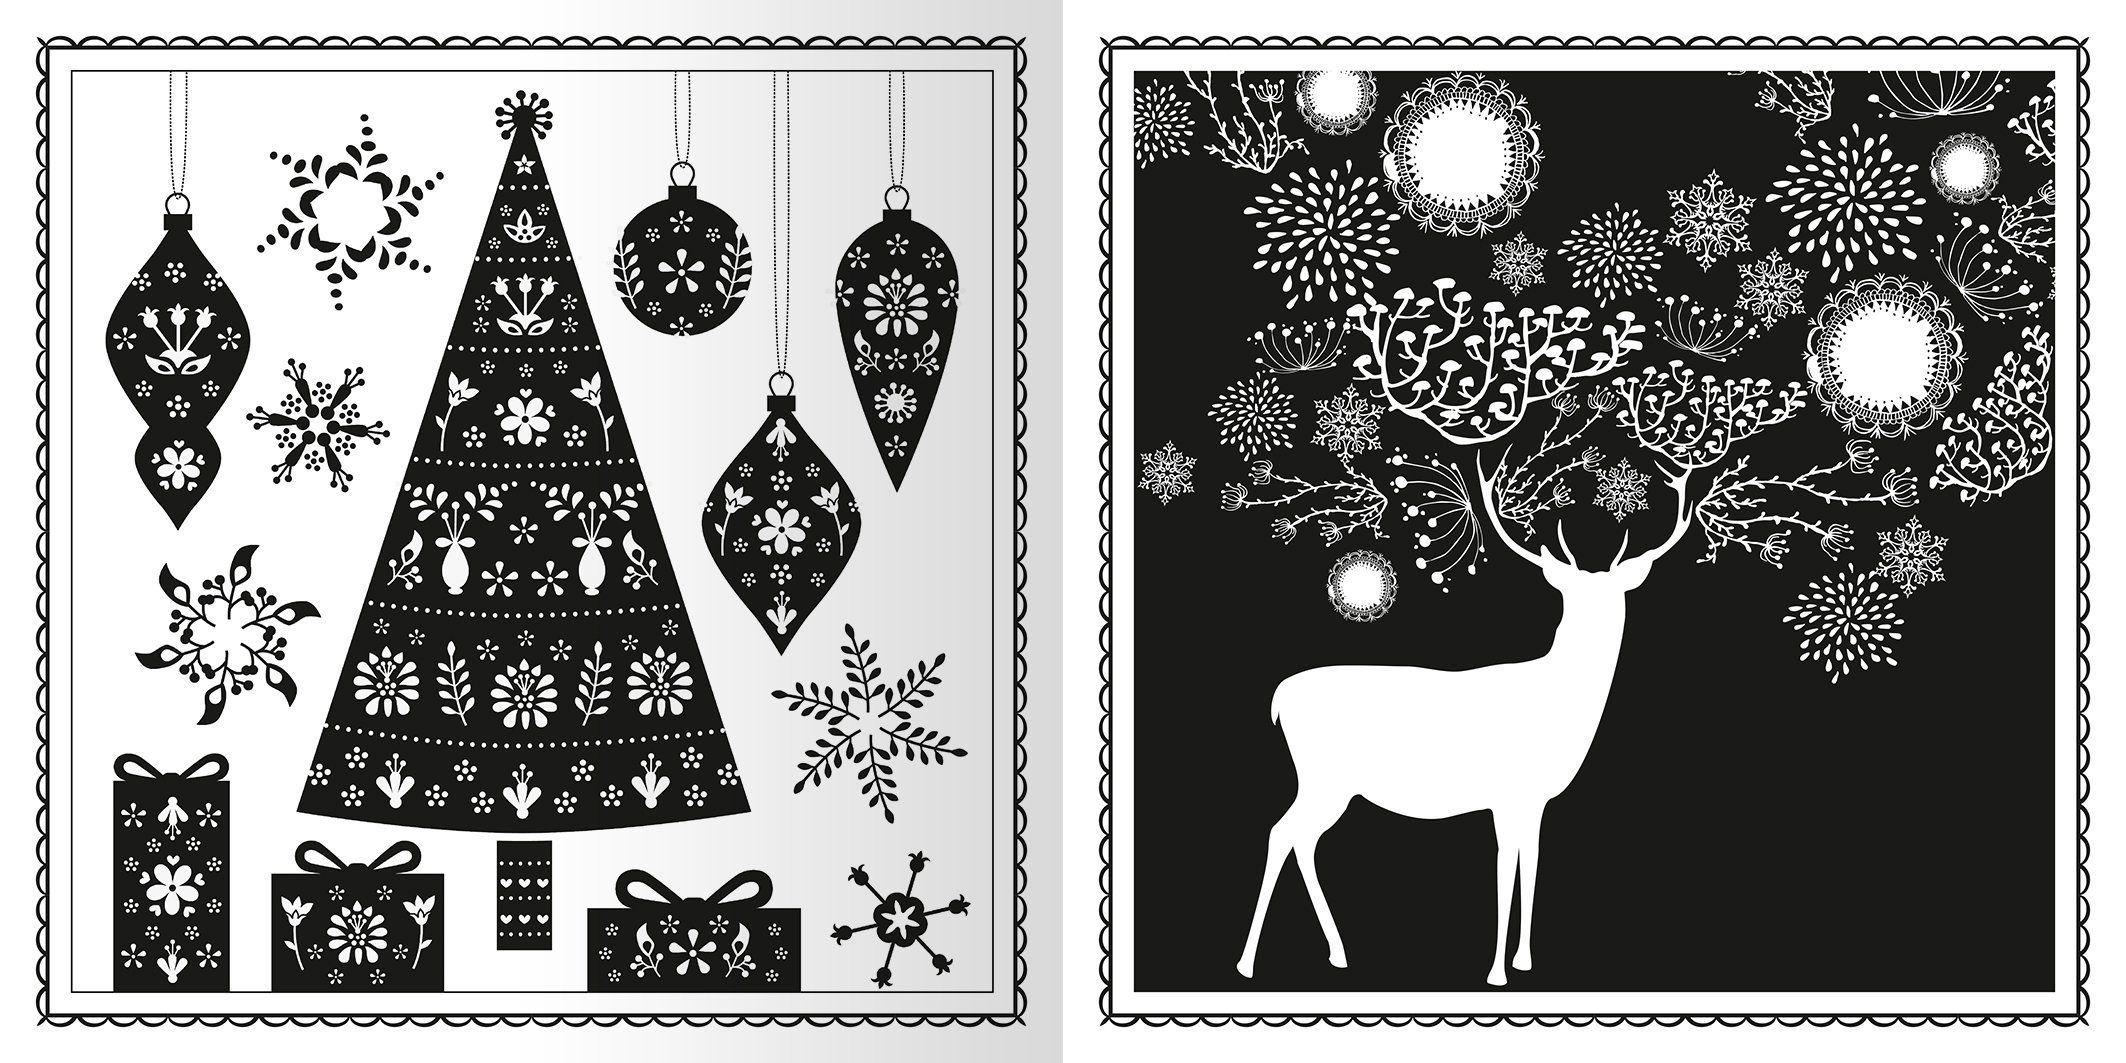 Wintertraum & Weihnachtszauber: Wunderbares zum Ausmalen Malprodukte für Erwachsene: Amazon.de: Bücher